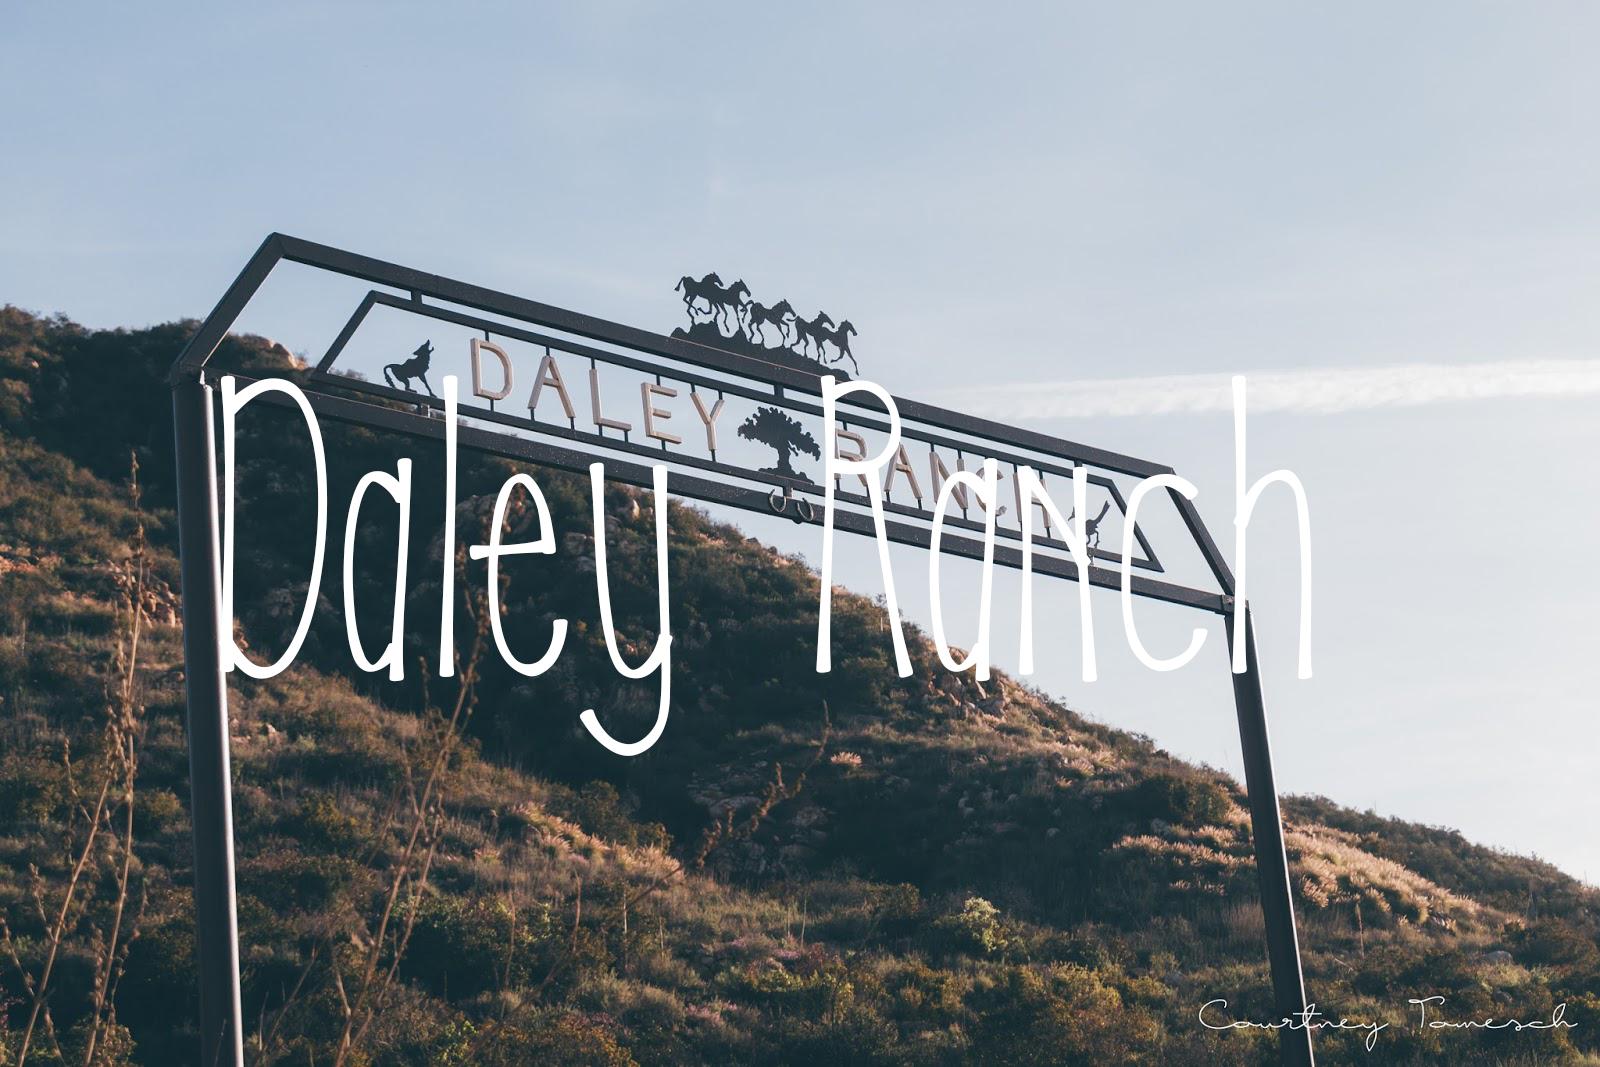 Courtney Tomesch Daley Ranch Escondido, CA